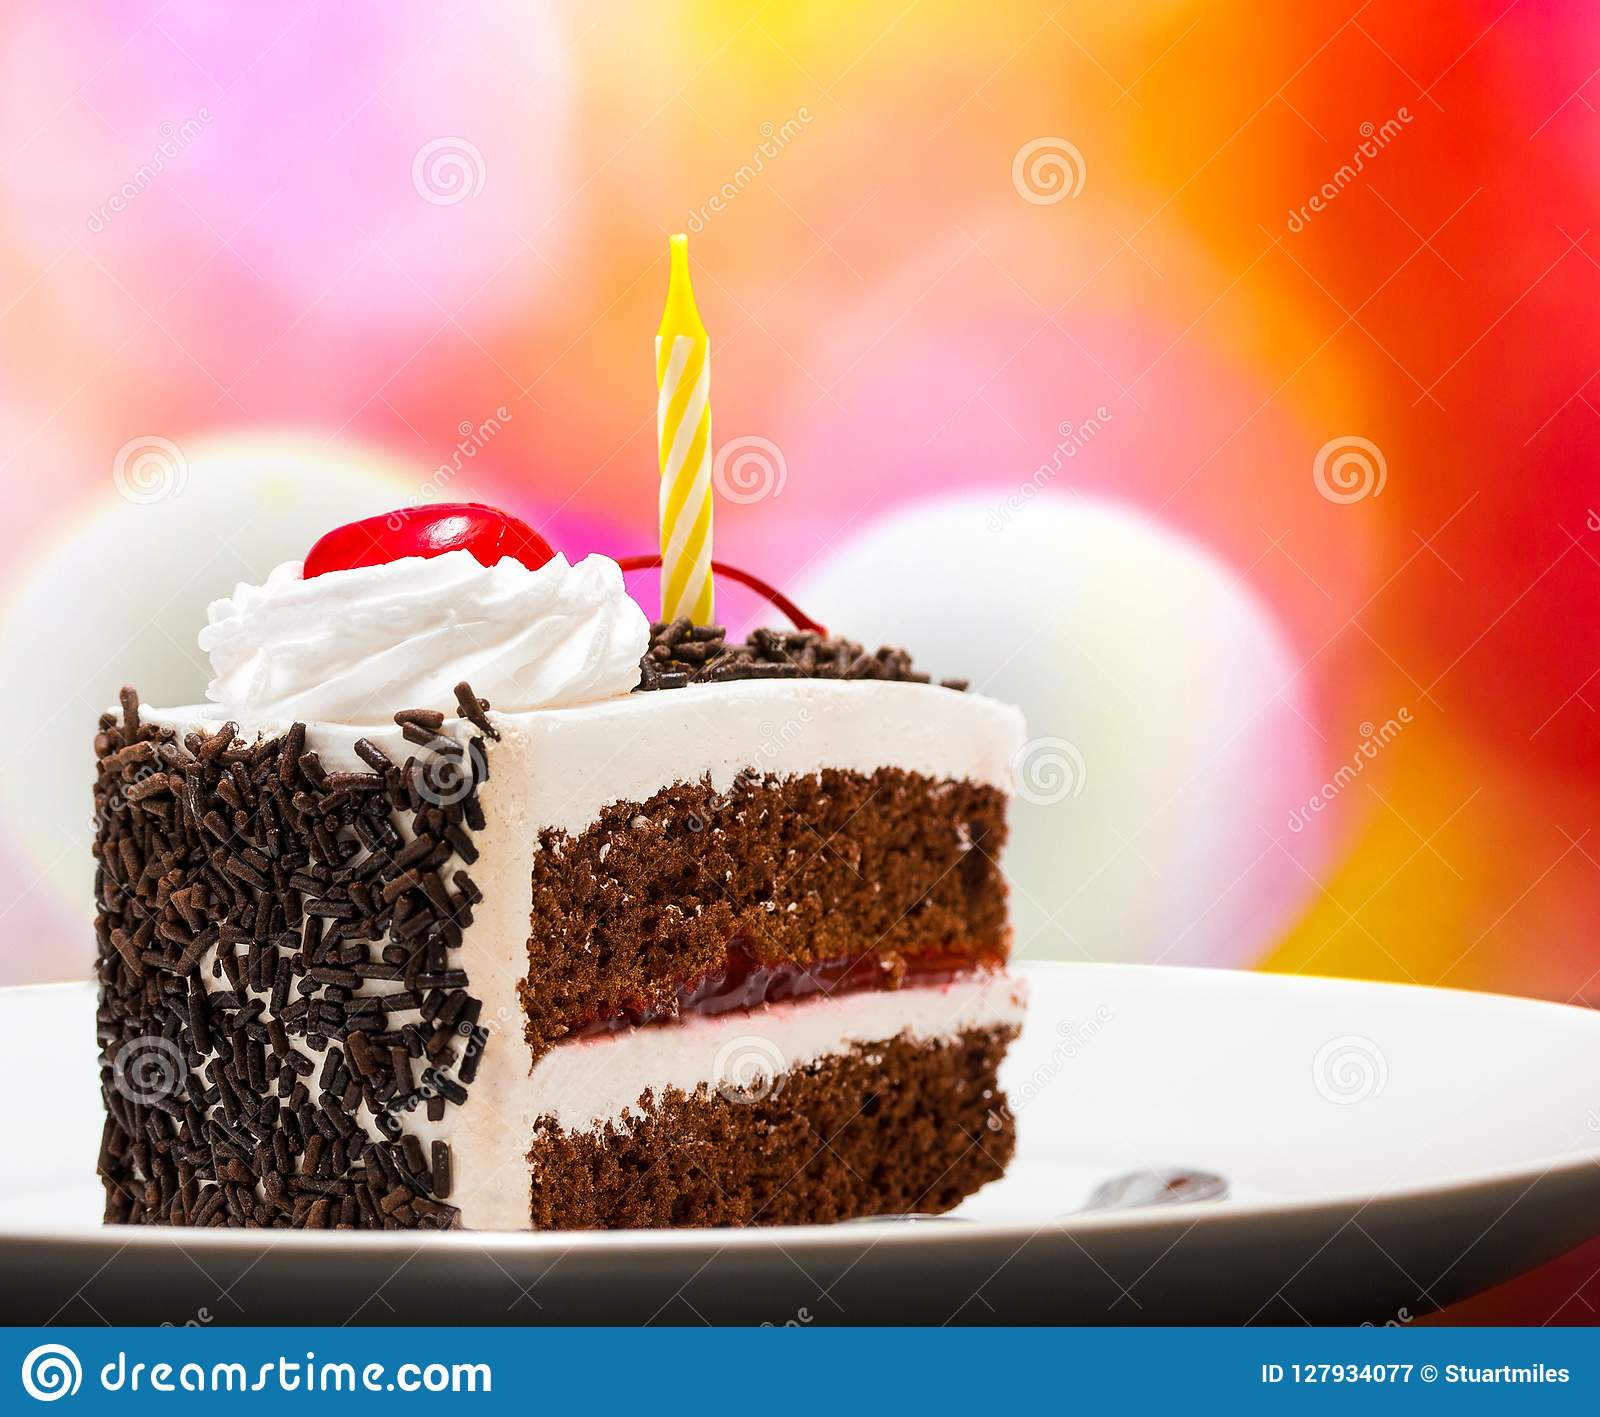 Forest Gateau Indicates Chocolate Cake y apetitoso negros